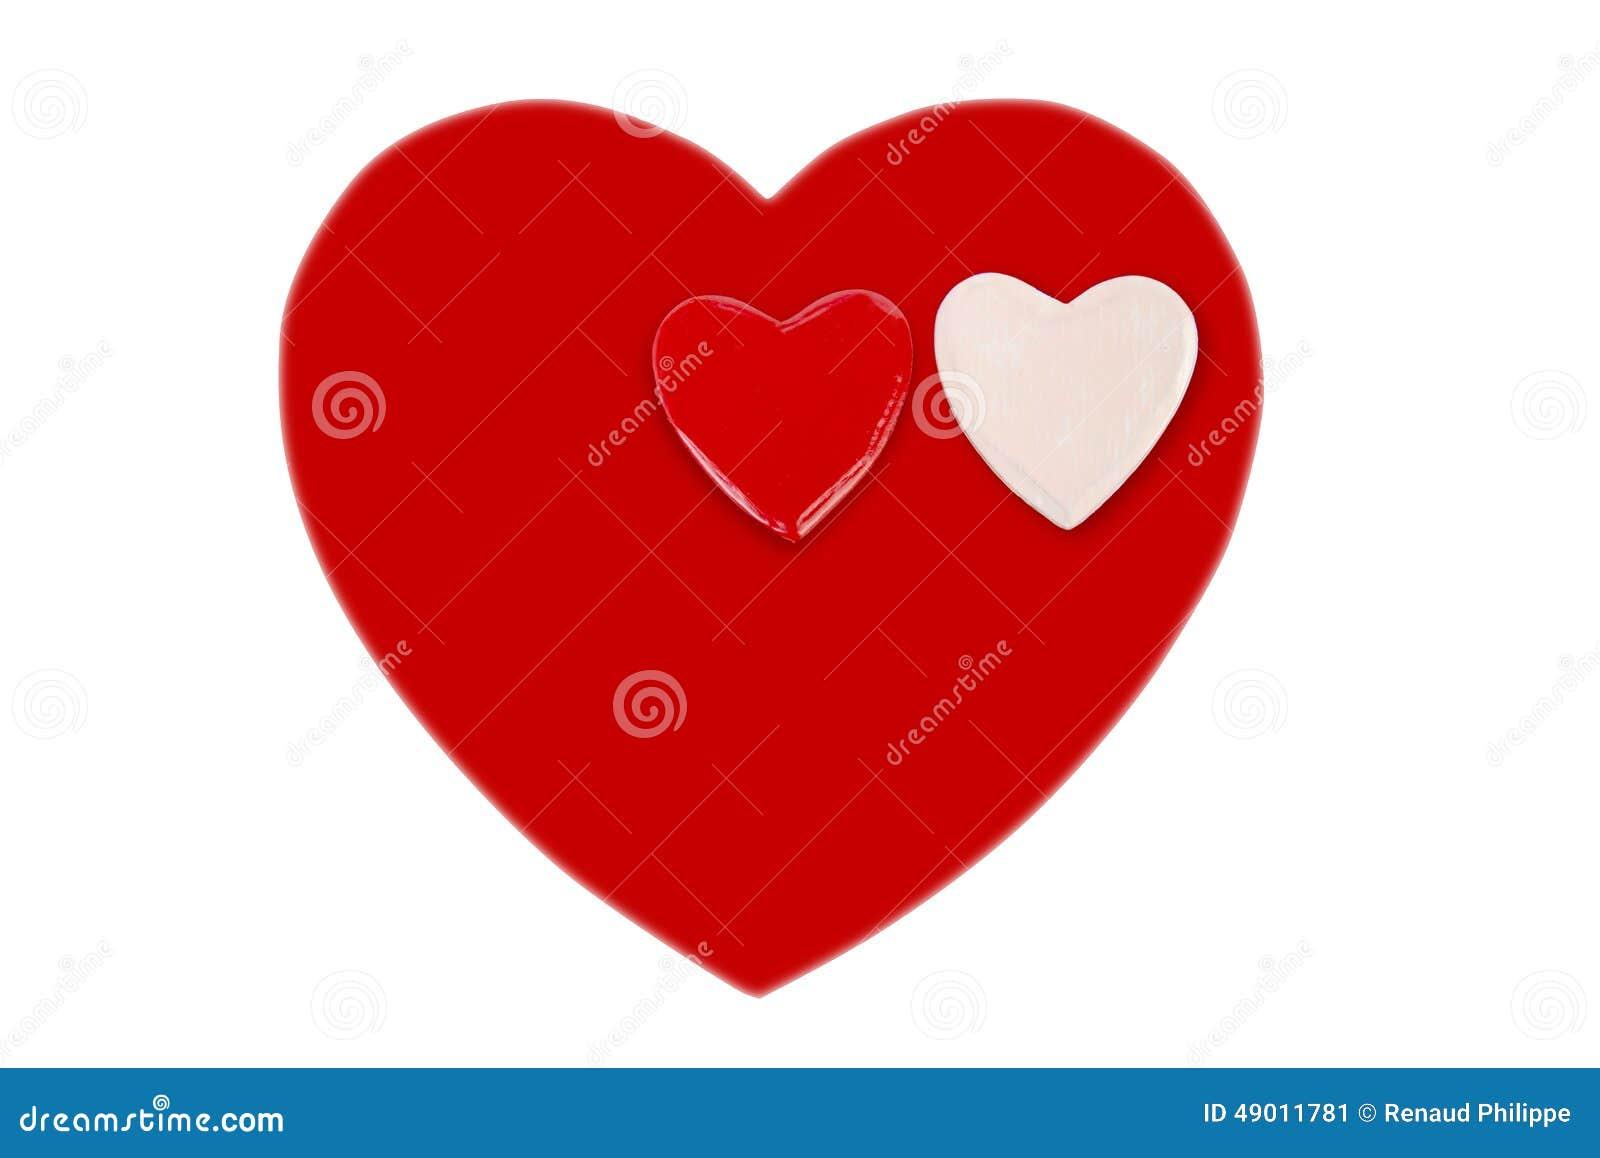 un coeur rouge et petit coeur deux pour le saint valentin image stock image du blanc jour. Black Bedroom Furniture Sets. Home Design Ideas